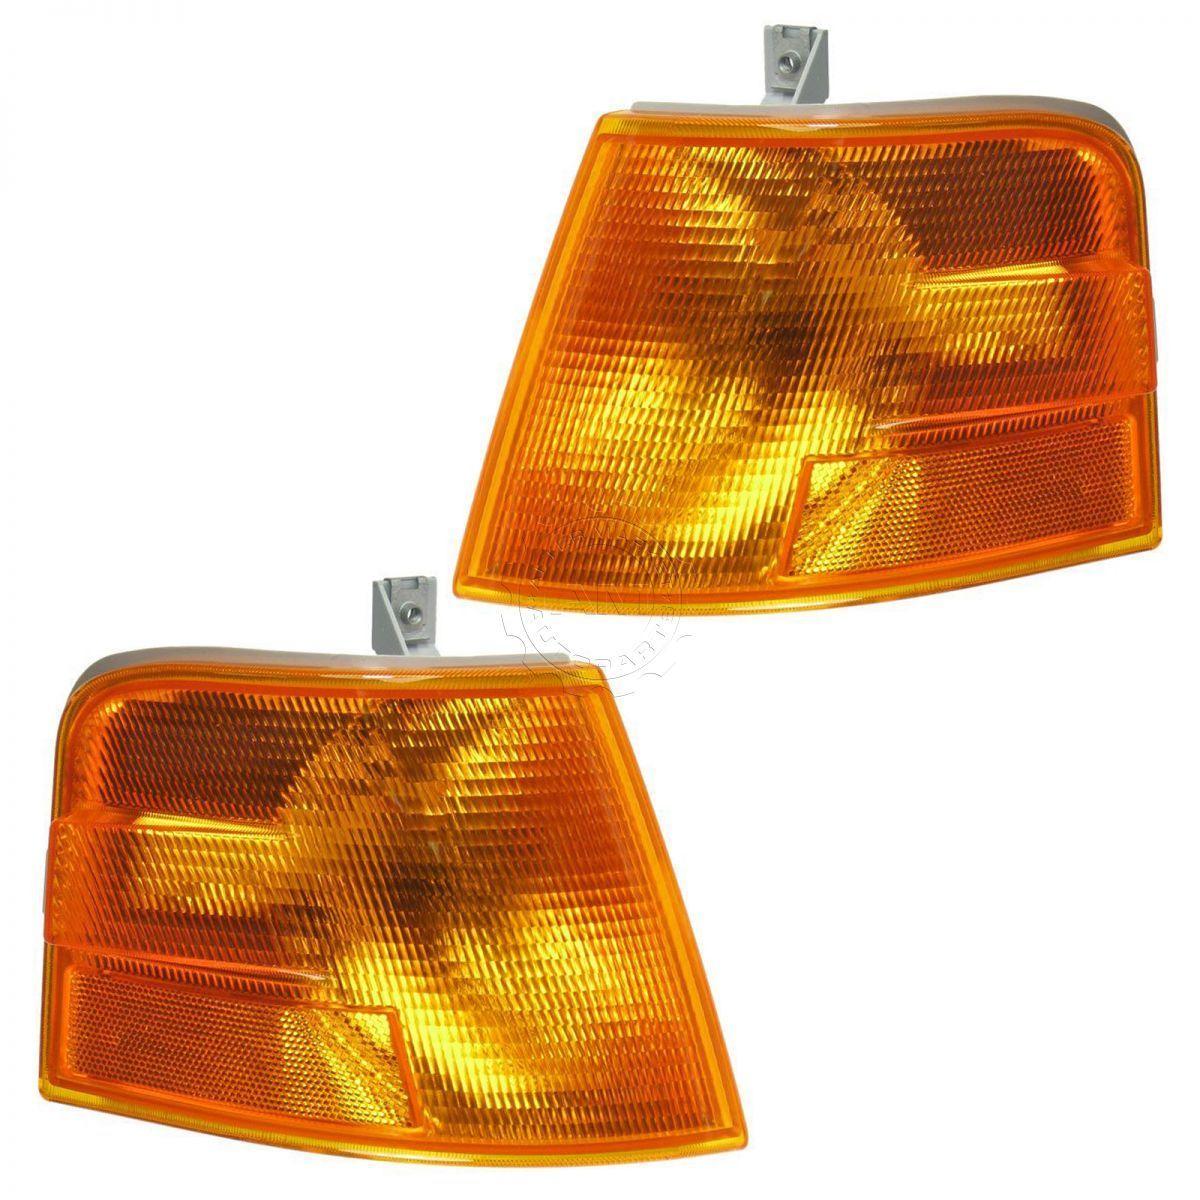 コーナーライト Marker Signal Blinker Corner Parking Light Lamp Pair Set for 96-03 Volvo VNL VNM マーカー信号ブリンカコーナパーキングライトランプペアは、96-03 Volvo VNL VNM用に設定されています